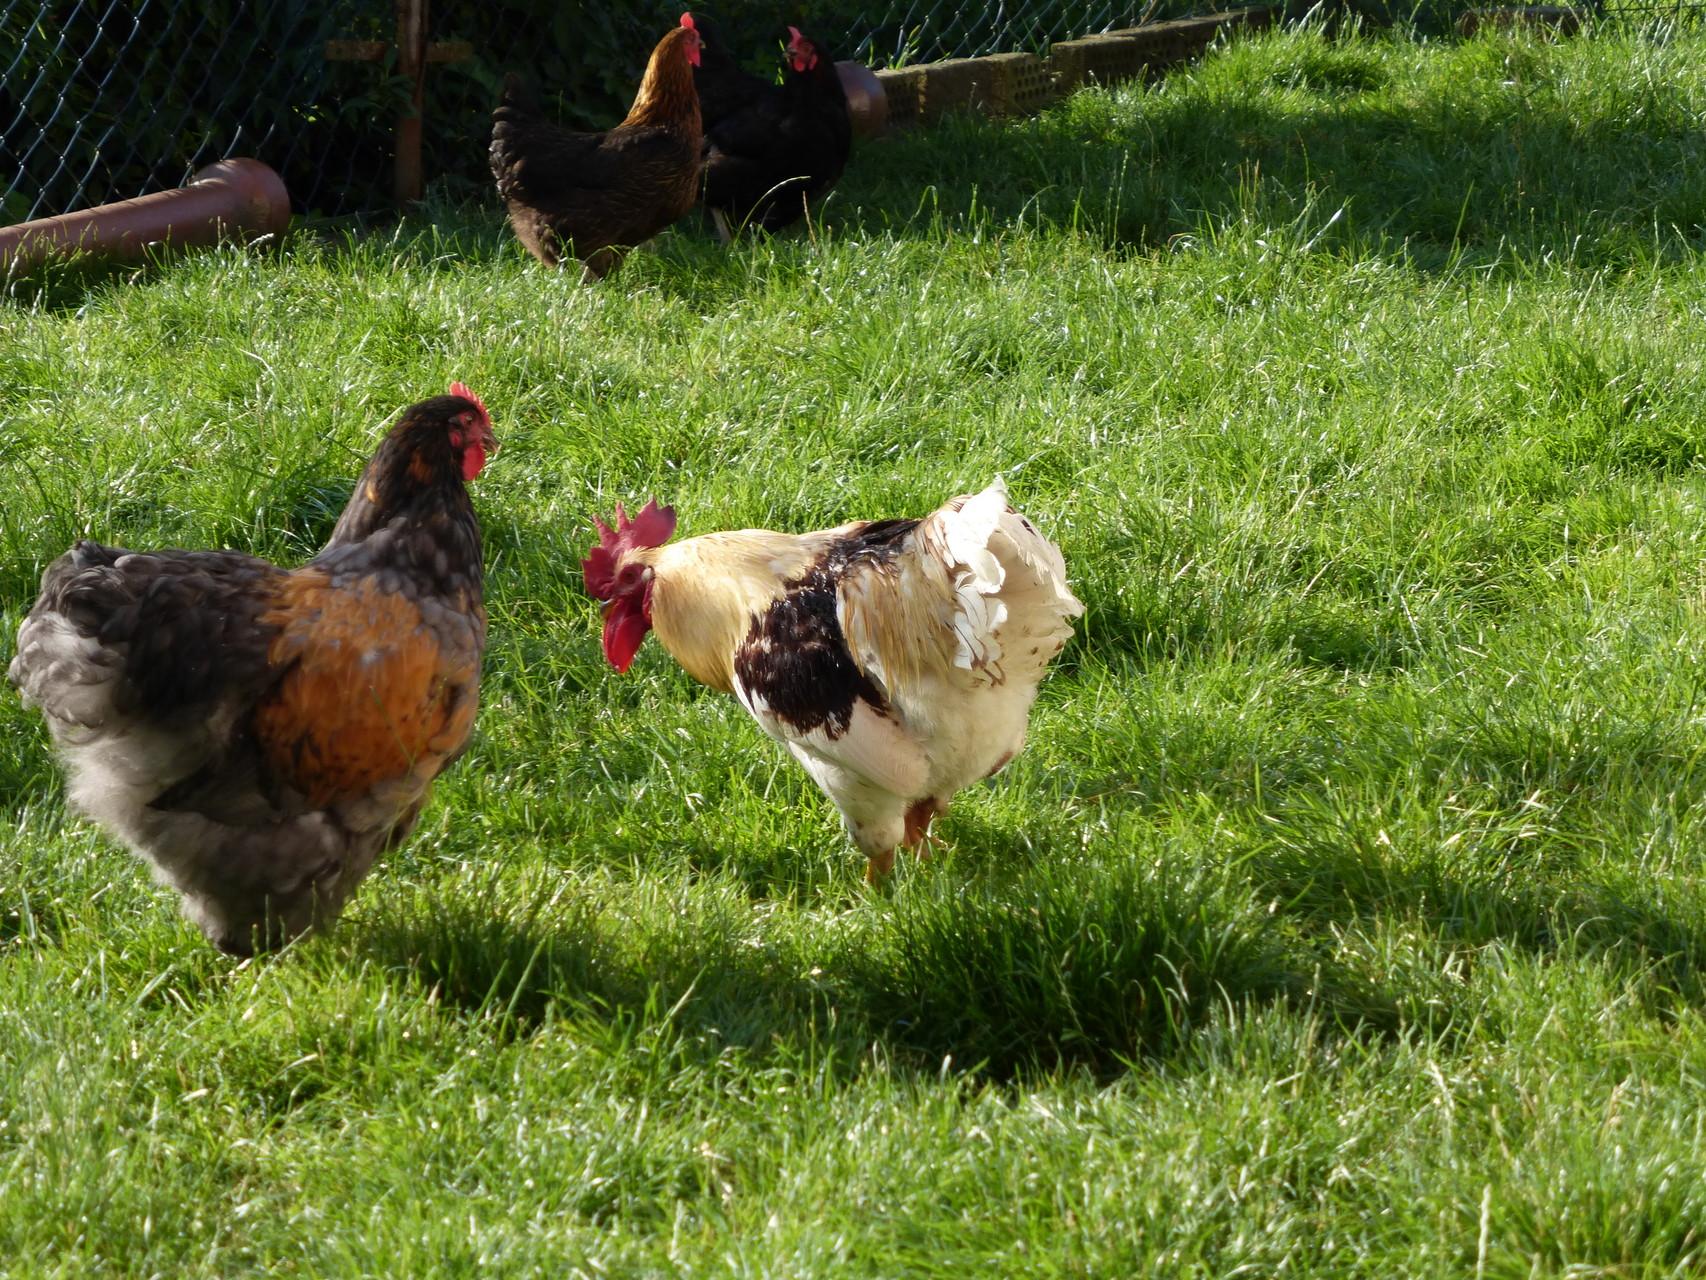 Orpi kommt auf einen Bauernhof. Erster Kontakt mit dem jungen Hahn.